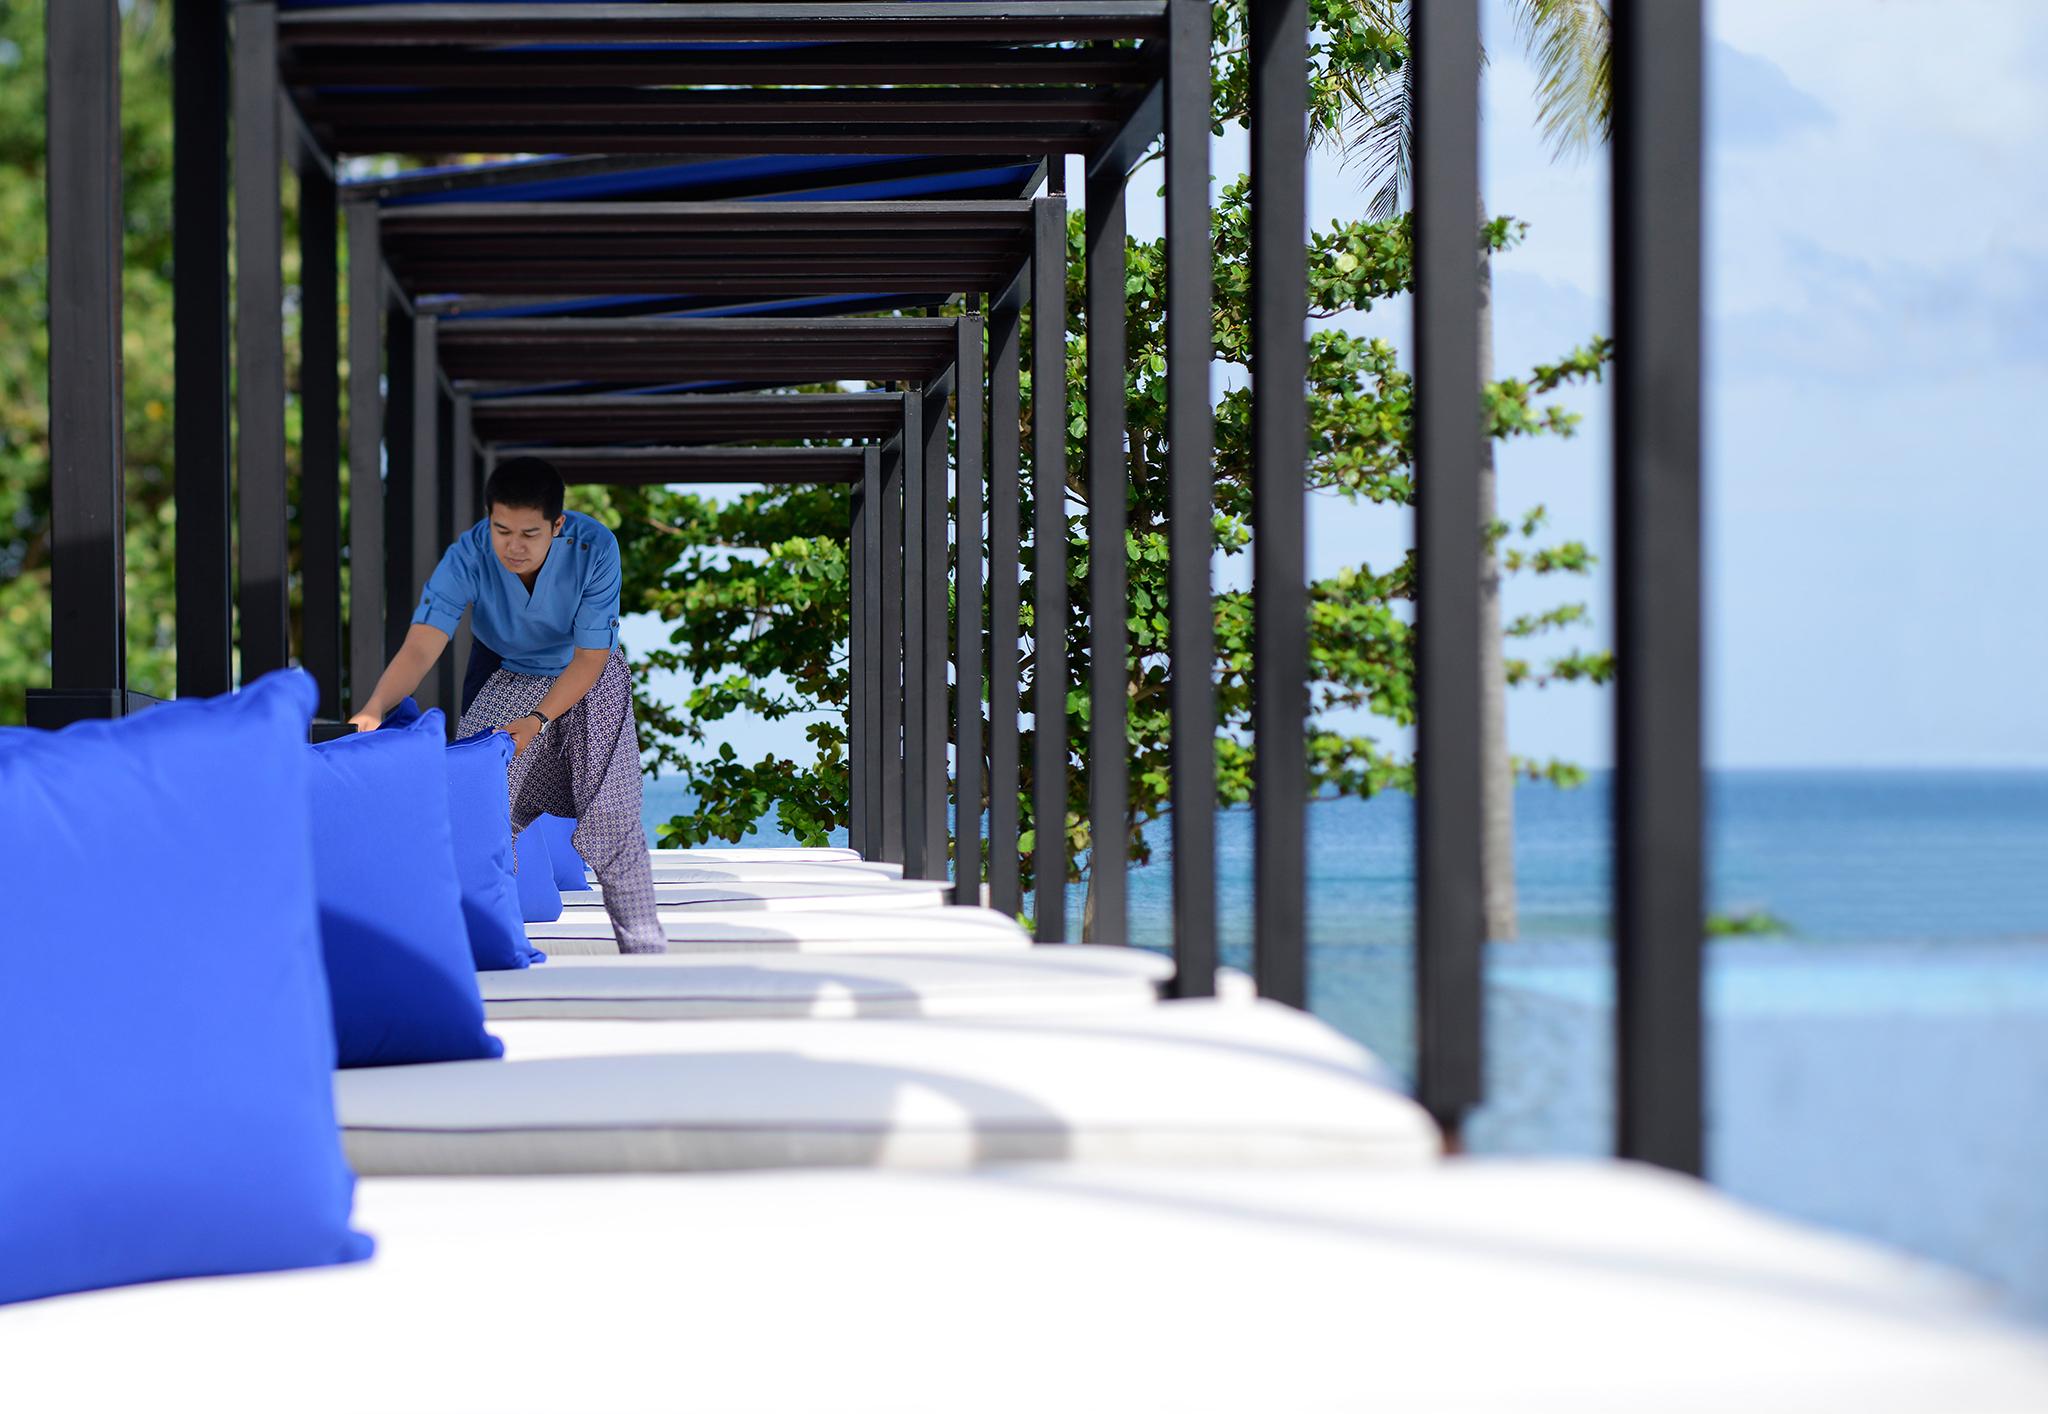 Hyatt_Phuket_Hotel staff